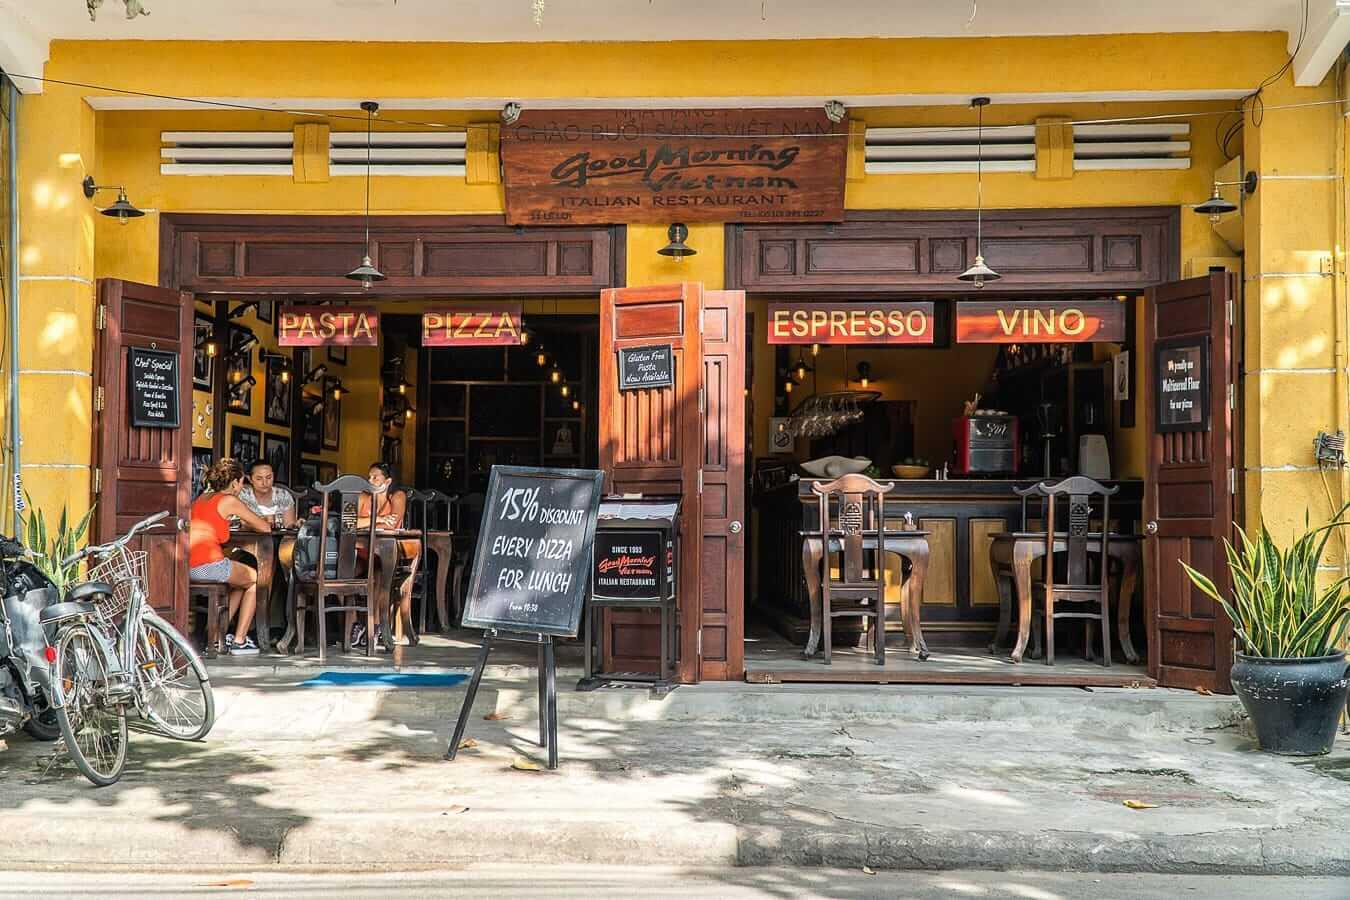 Good Morning Vietnam: Western Hoi An Restaurants